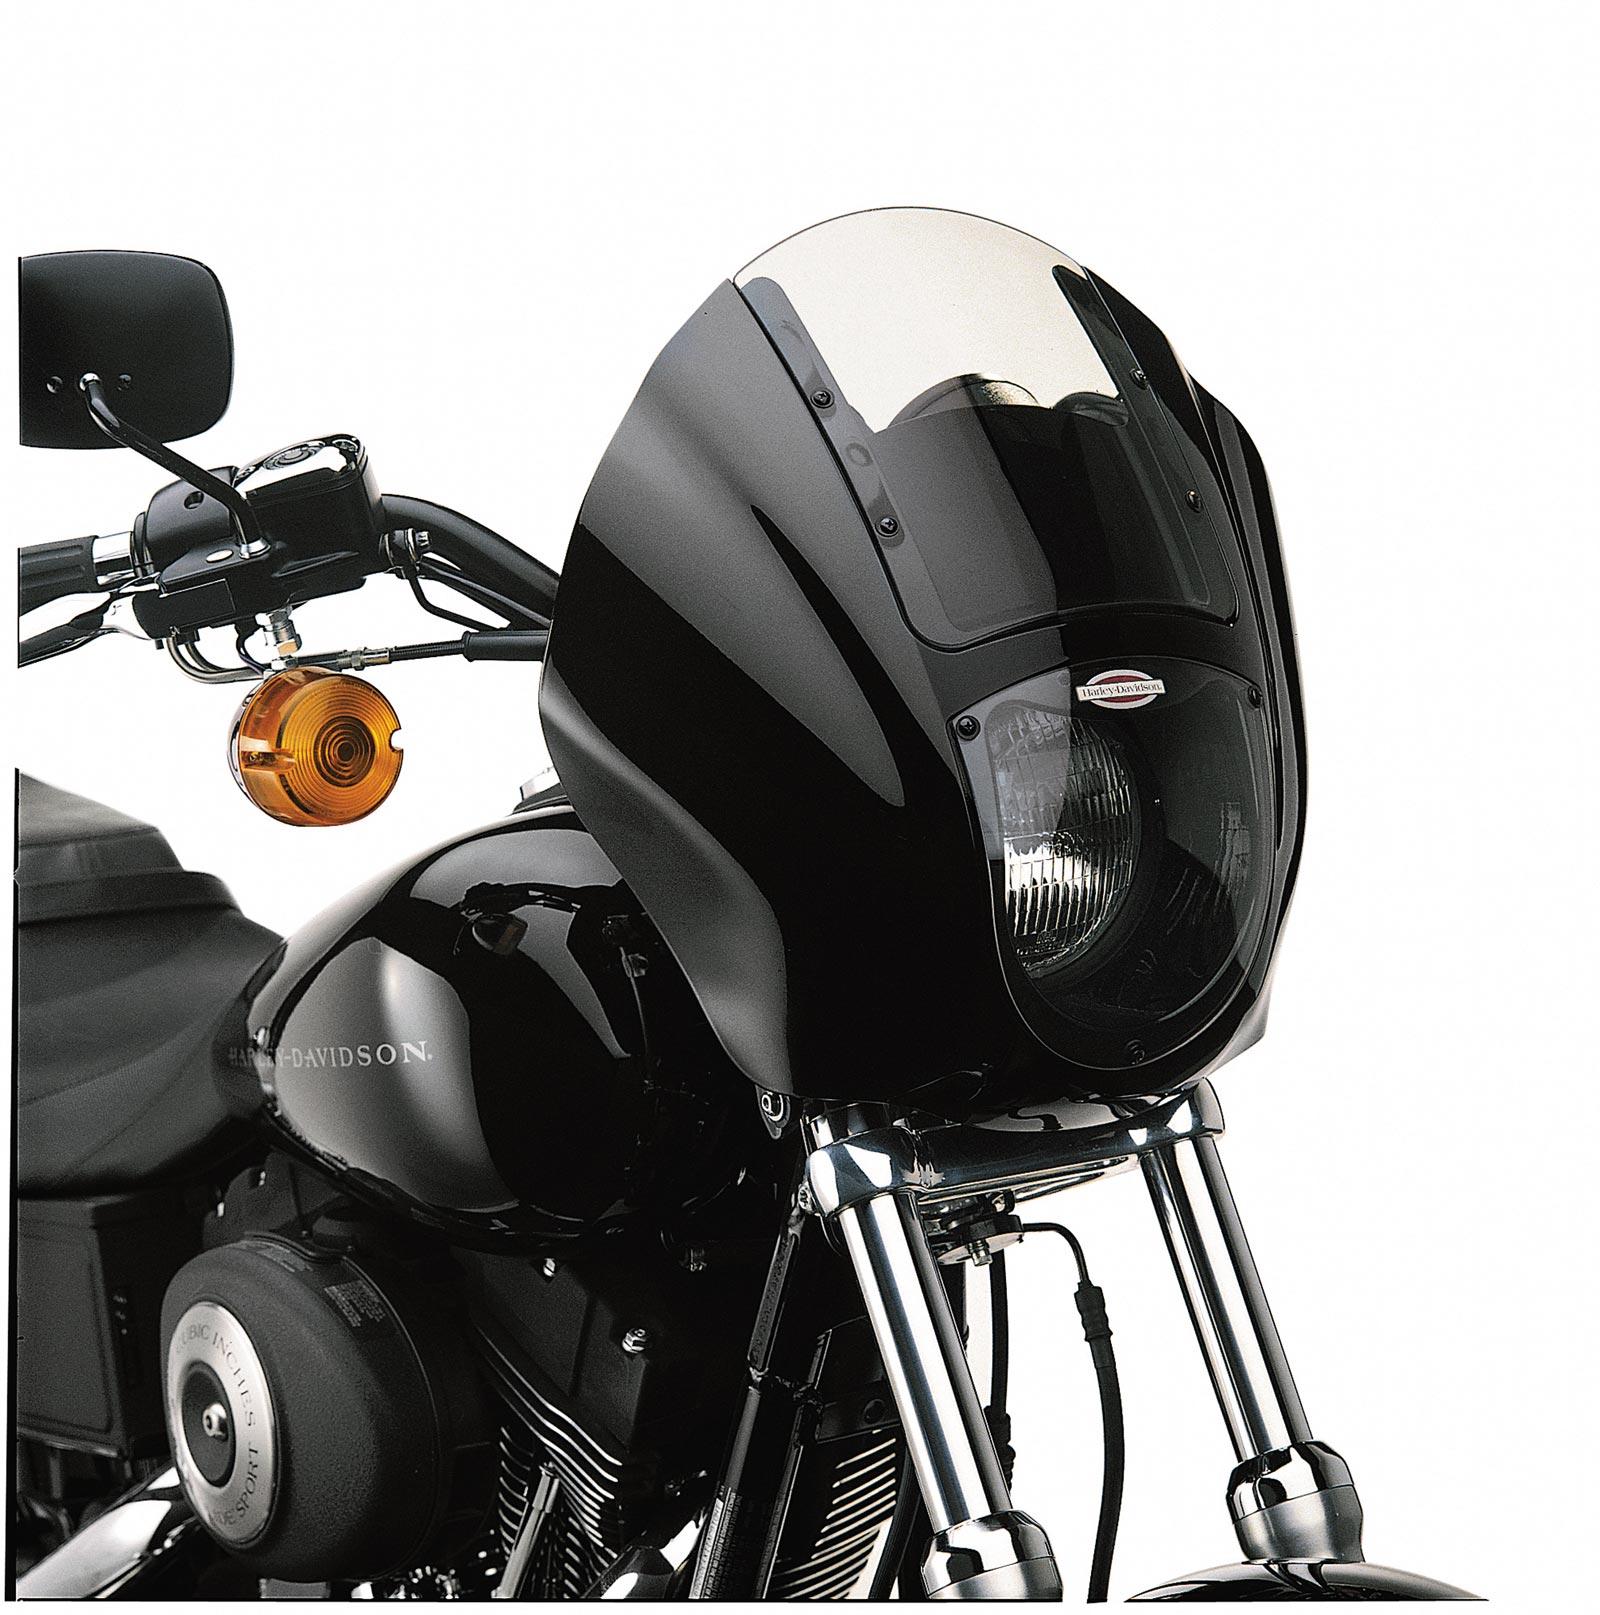 57070-97DH Detachable Quarter Fairing Kit Vivid Black at Thunderbike